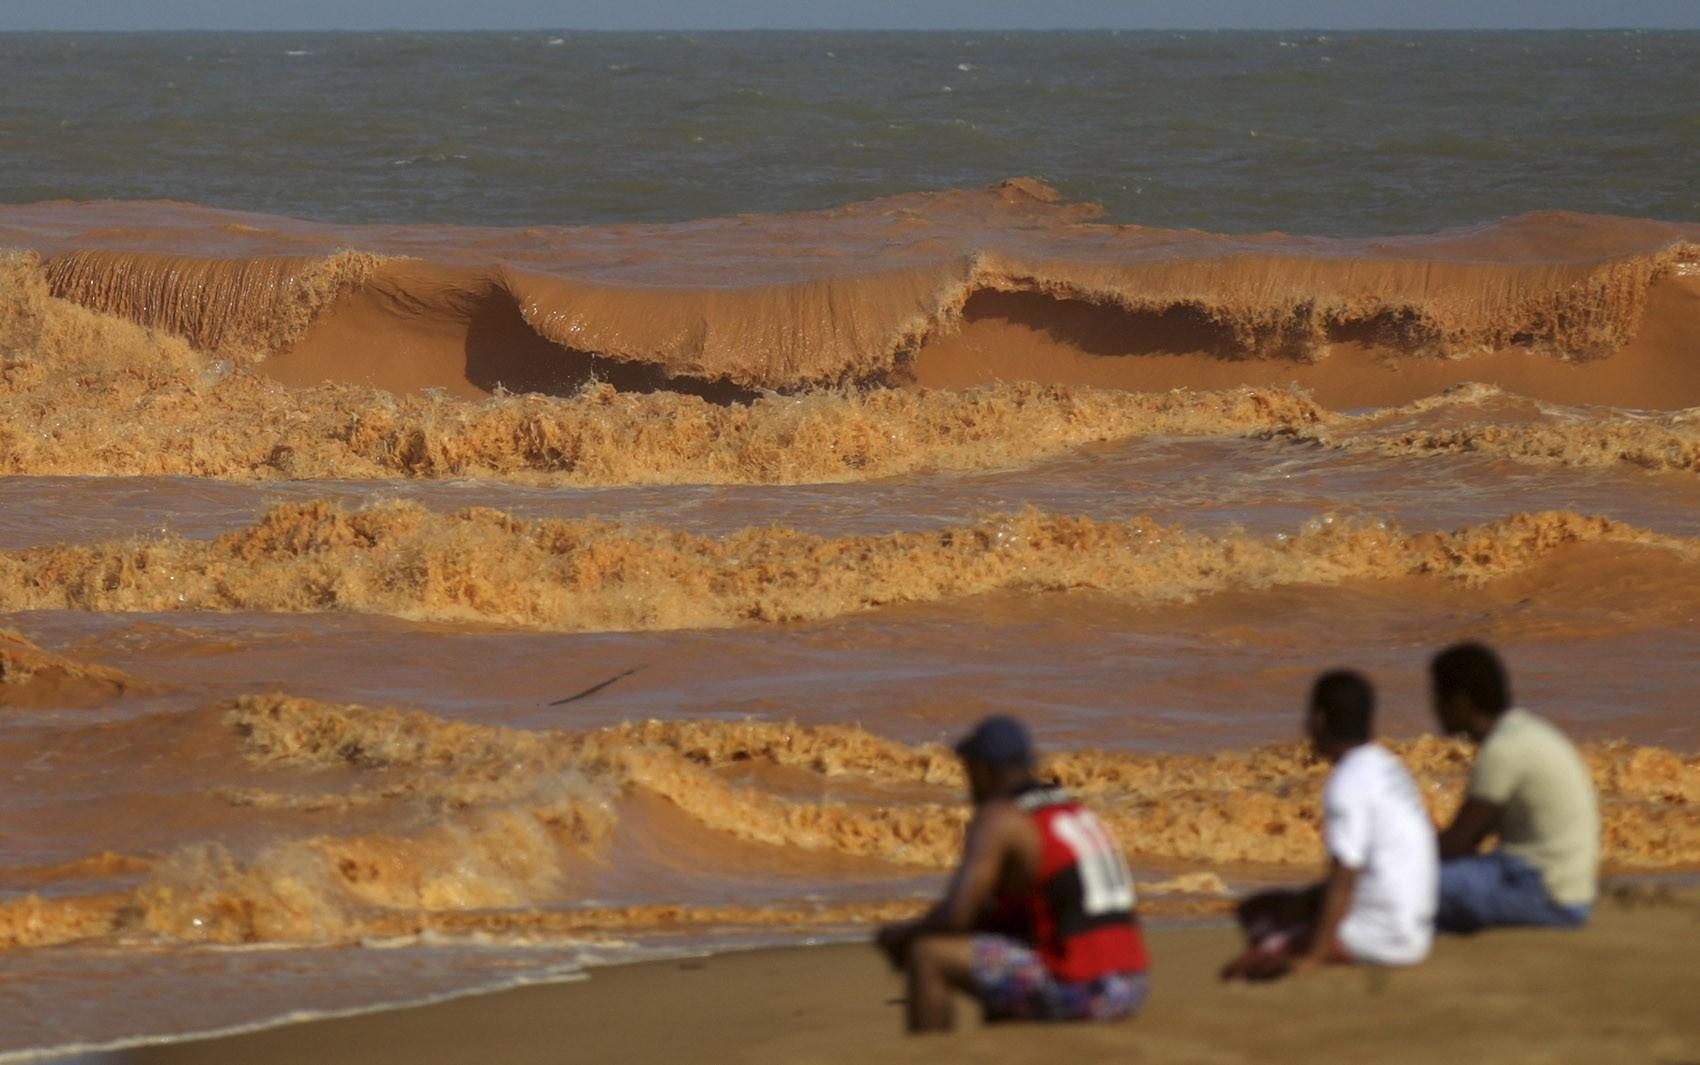 BHP deve provisionar US$ 260 milhões para descomissionar barragens a montante da Samarco - Notícias - Plantão Diário